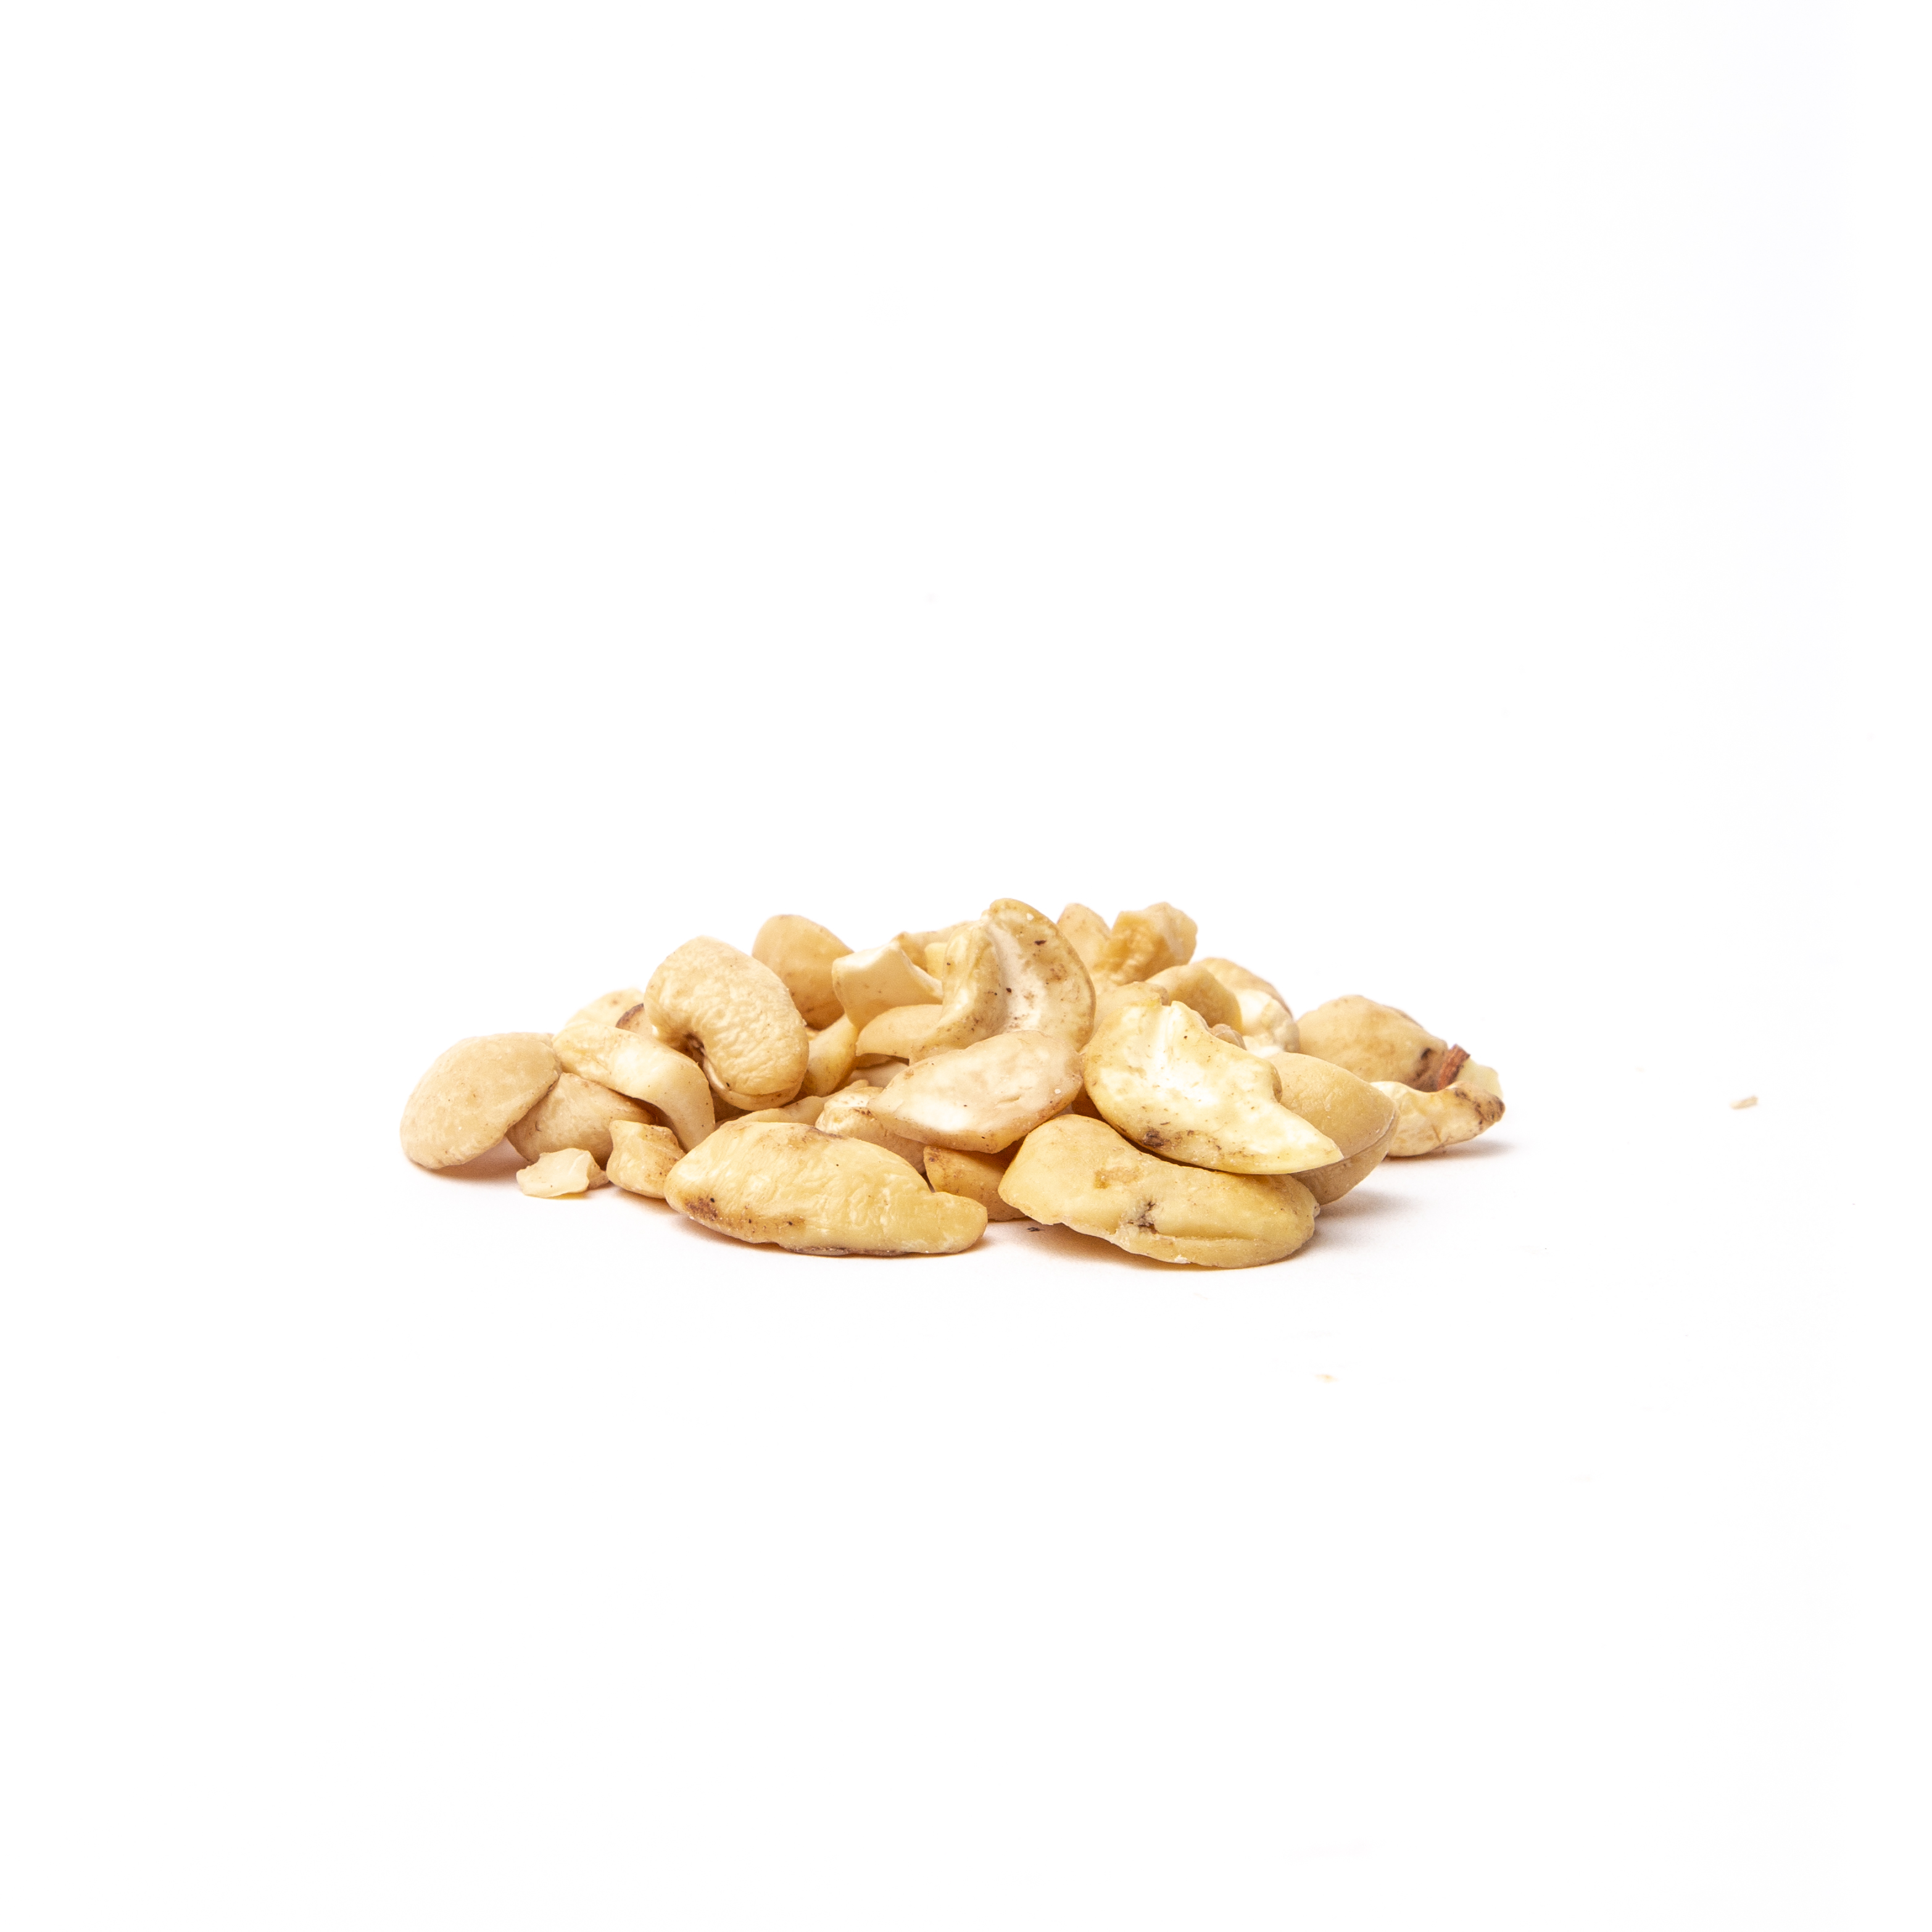 Cashews Nuts: Broken Pieces